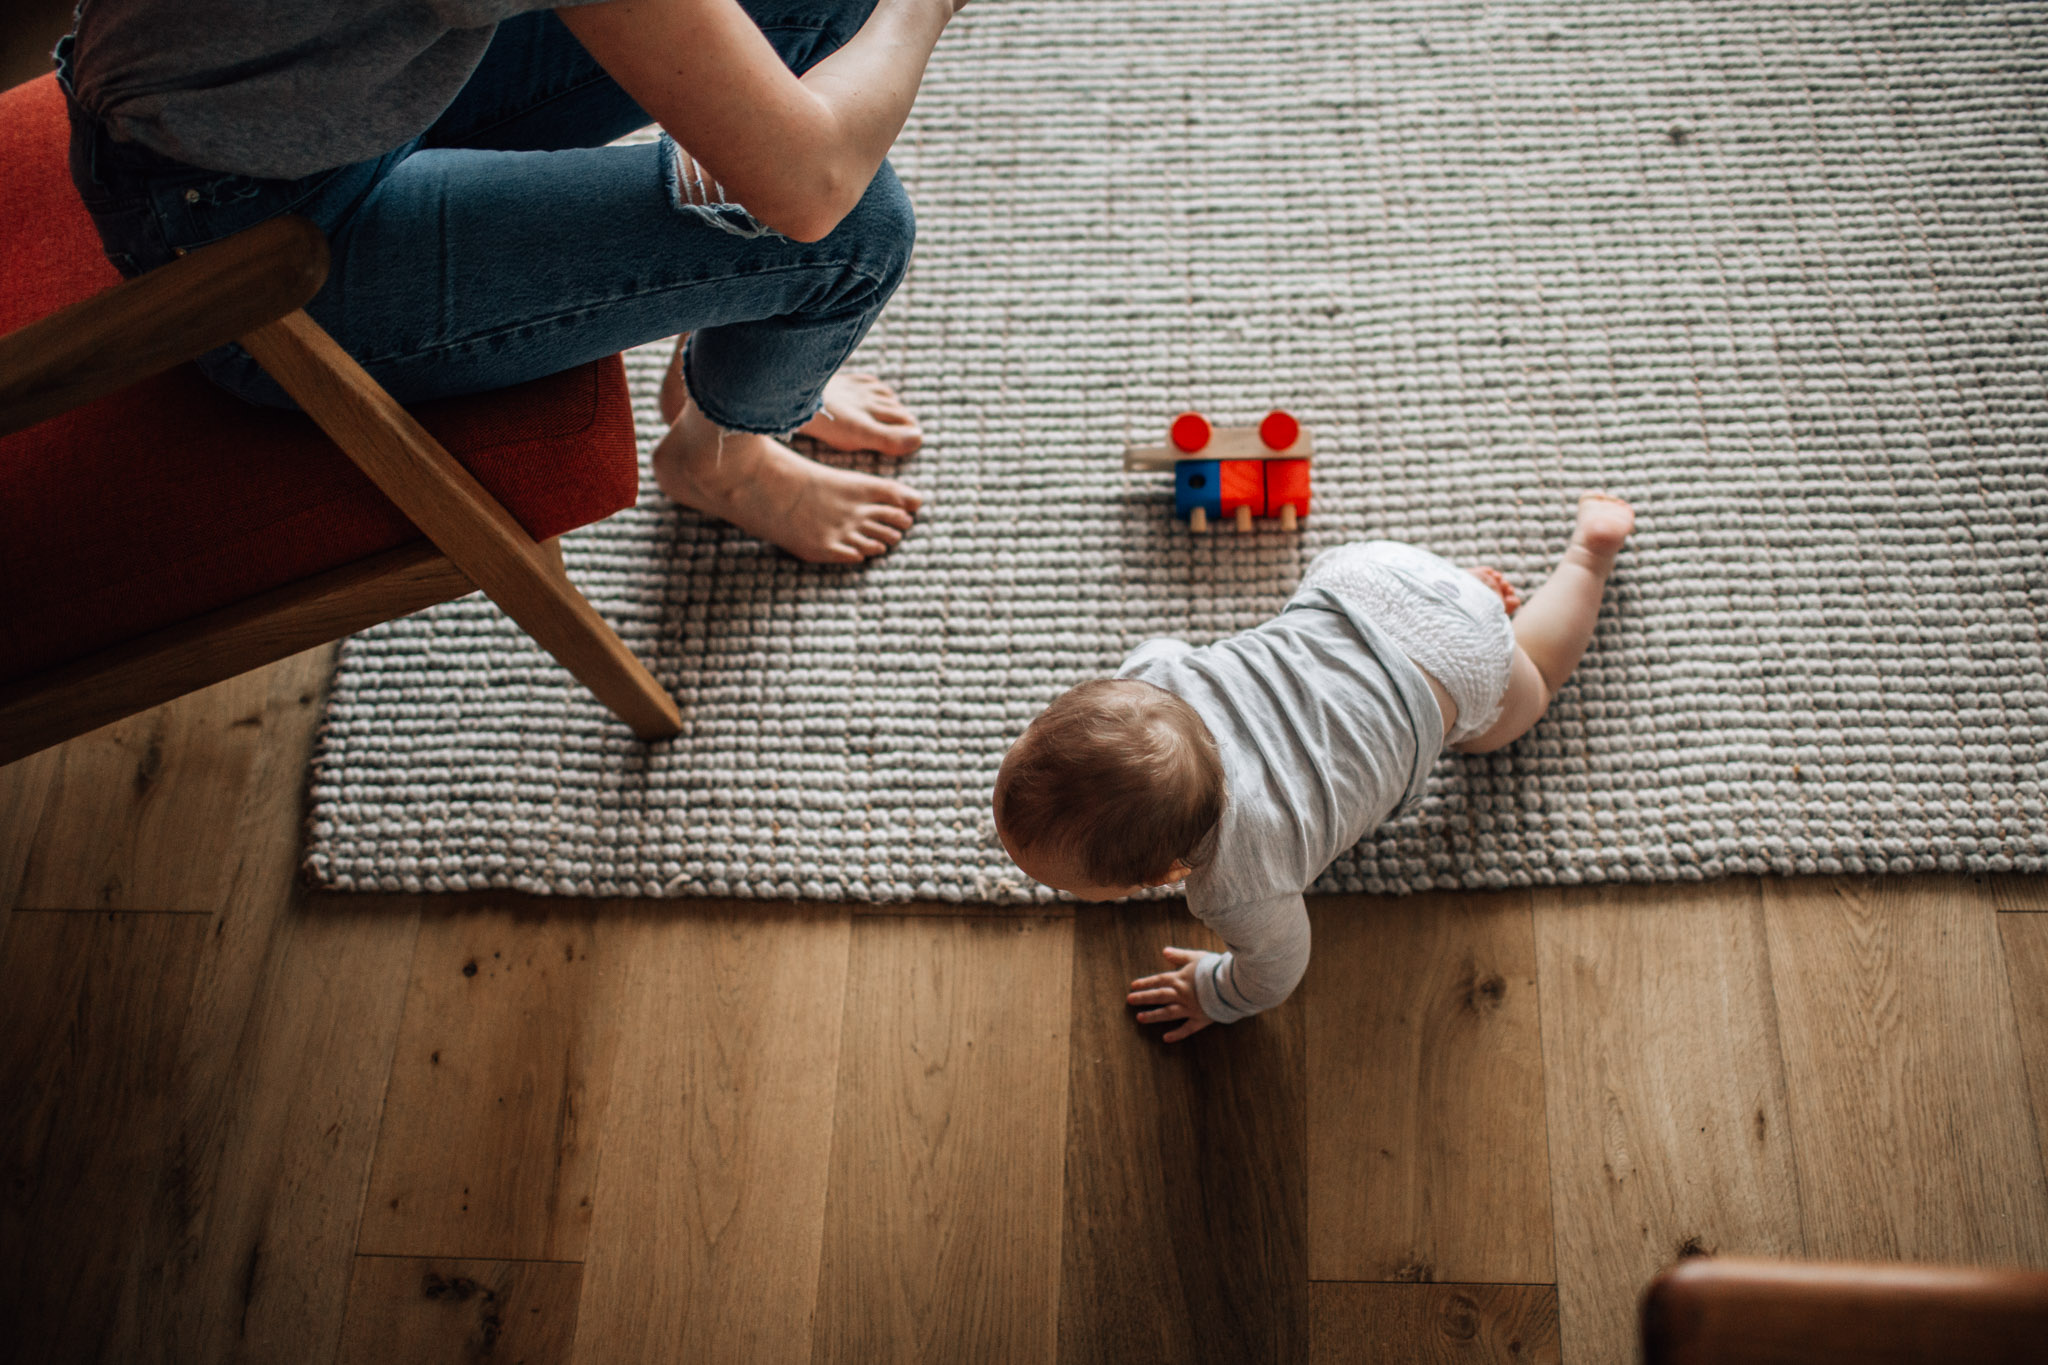 baby-crawling (1 of 1).jpg